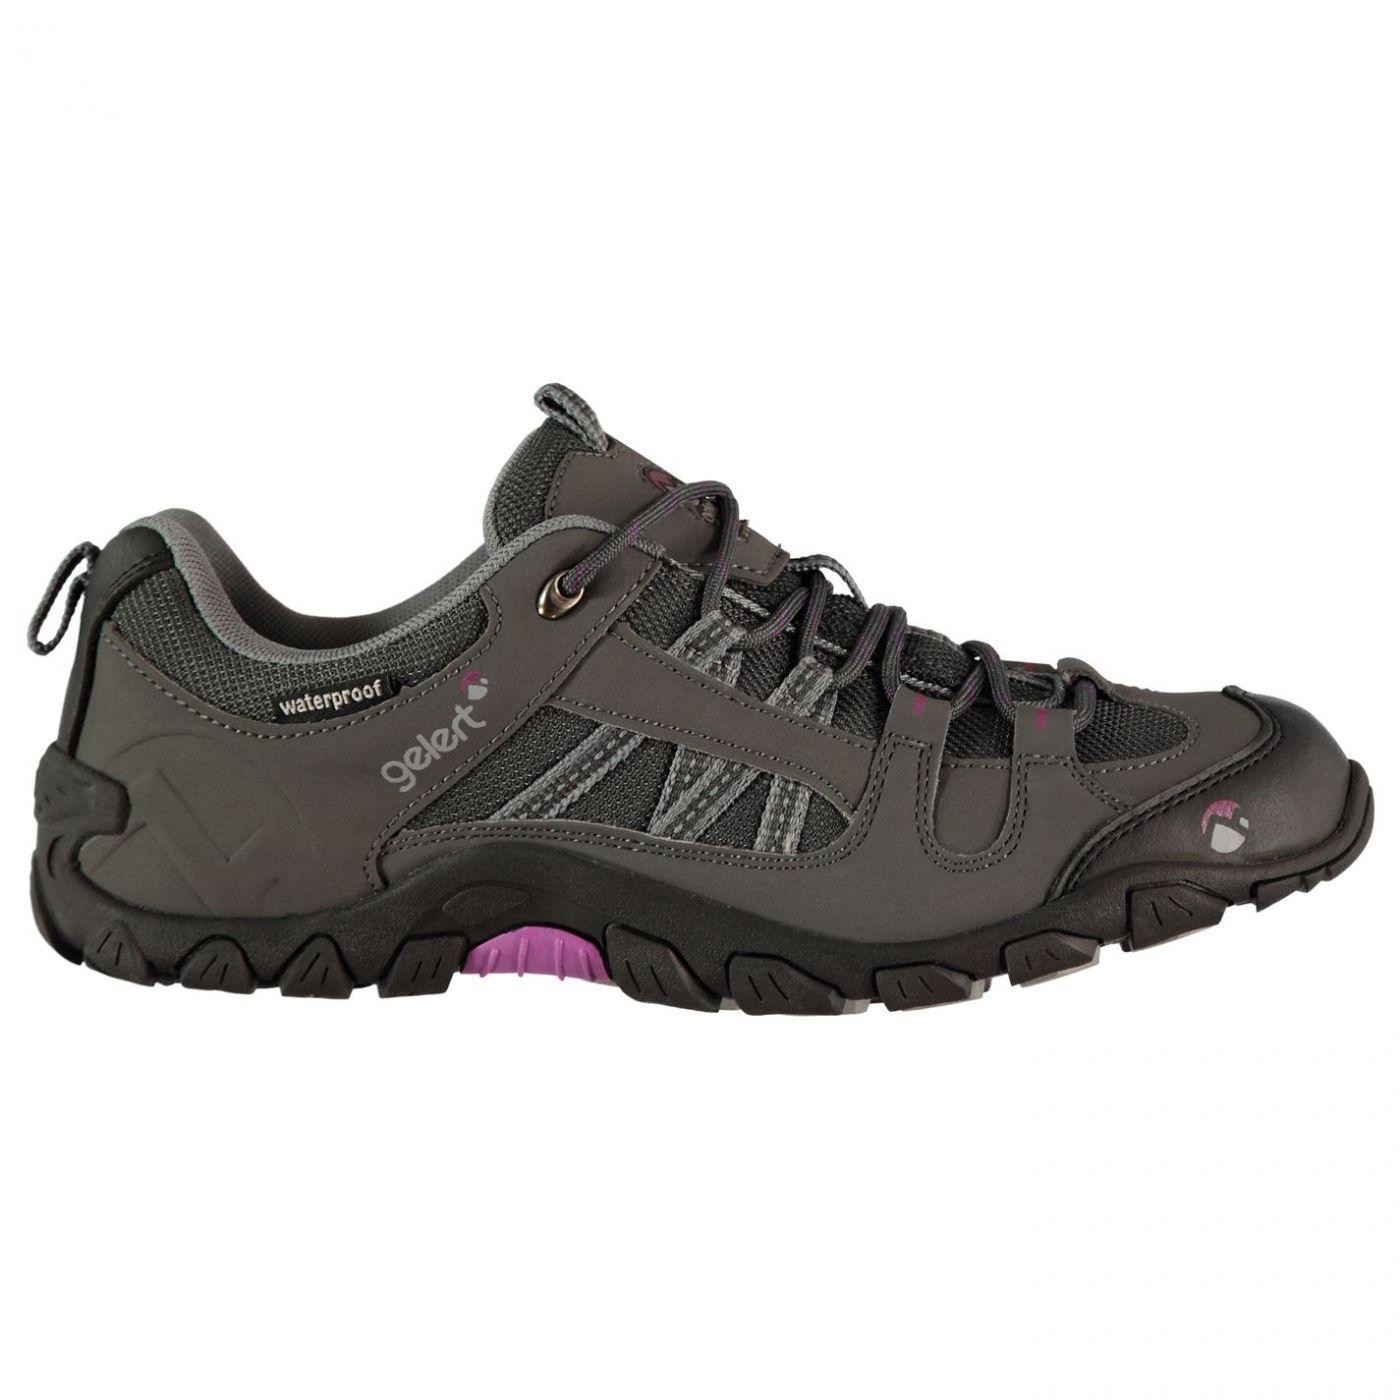 Gelert Rocky Waterproof Ladies Walking Shoes